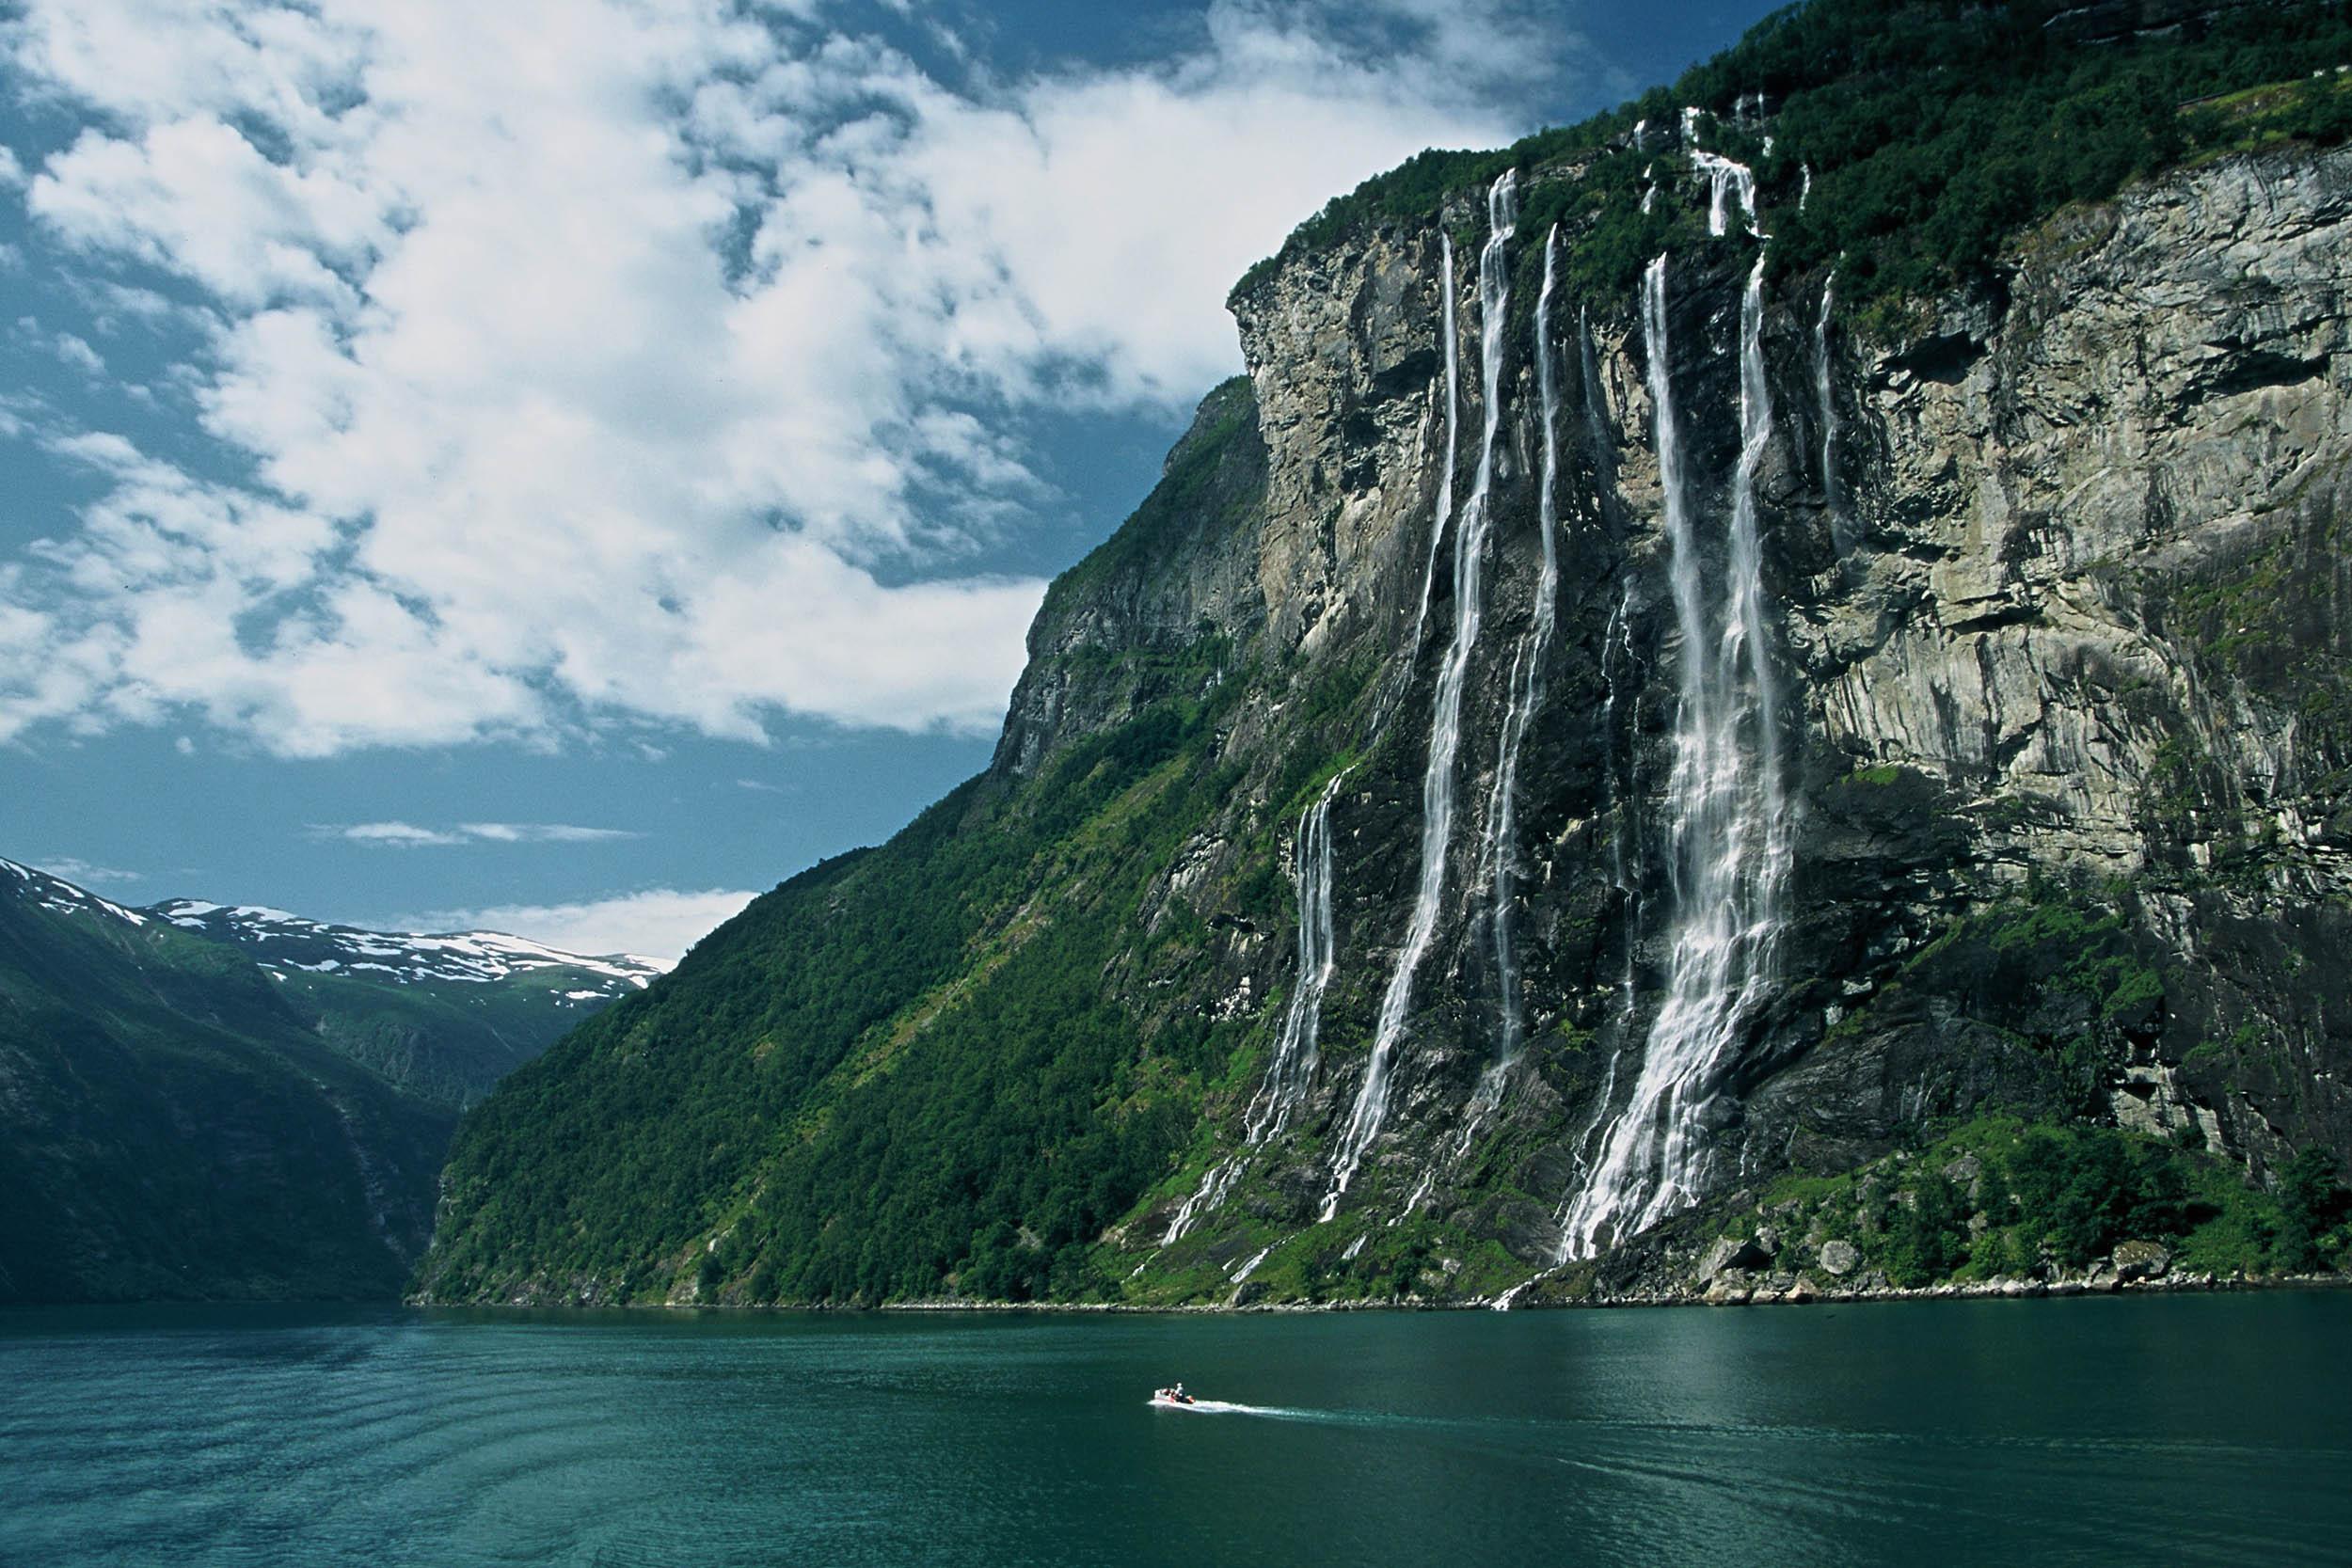 norwegen-wasserfall-sjoe-sistre